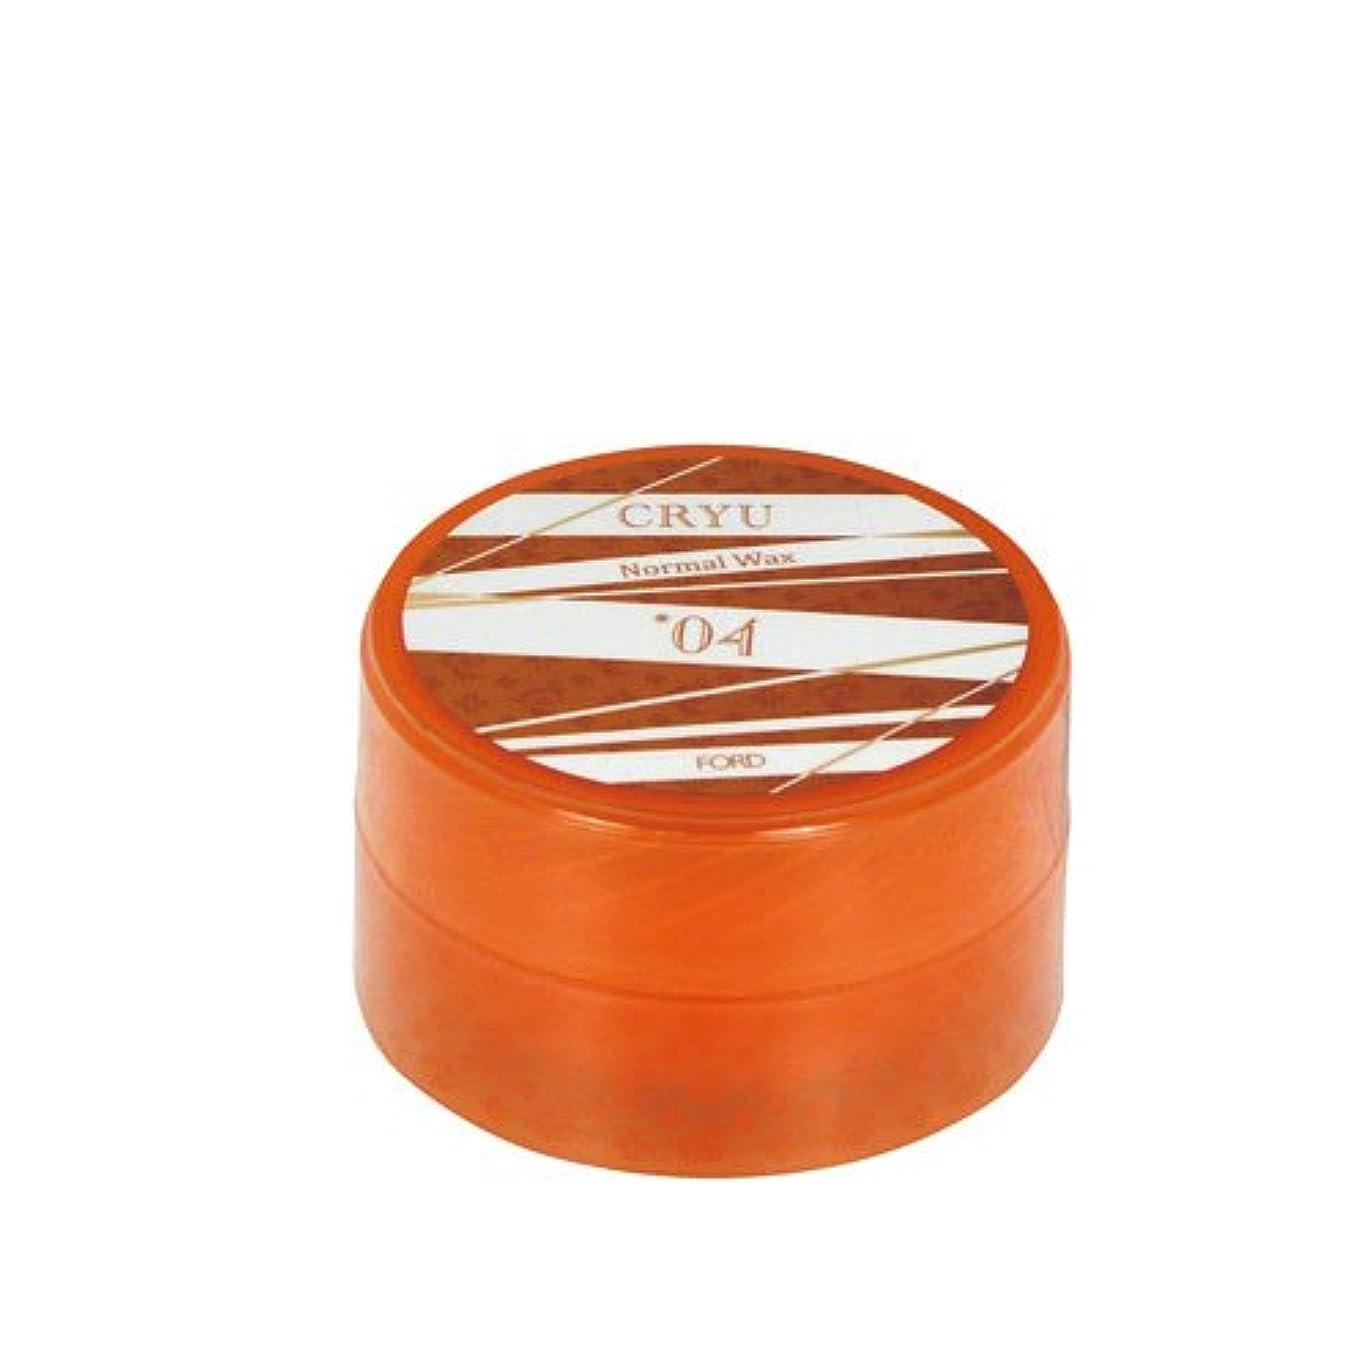 ワーディアンケース安定したルアーフォードヘア化粧品 クリュ ノーマルワックス 80g